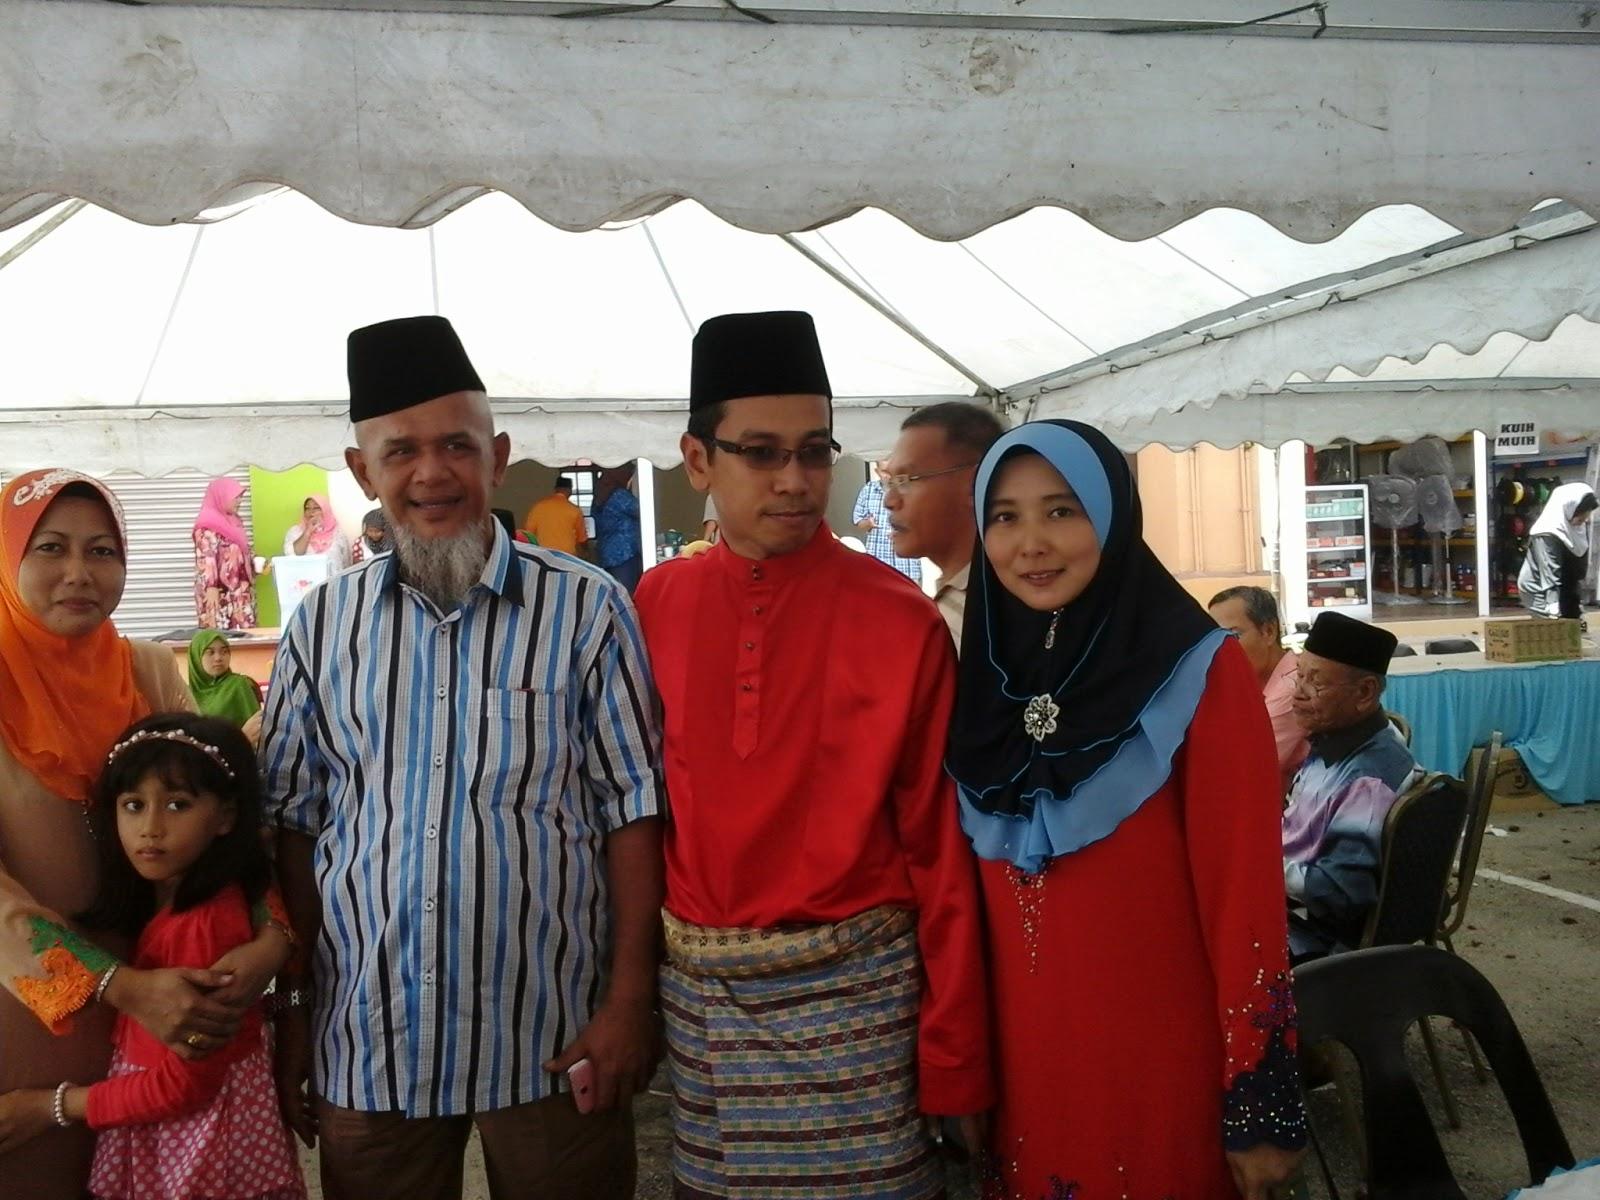 Majlis Rumah Terbuka Hari Raya  Aidilfitri  Dun Kuala Besut,|tengku zaihan